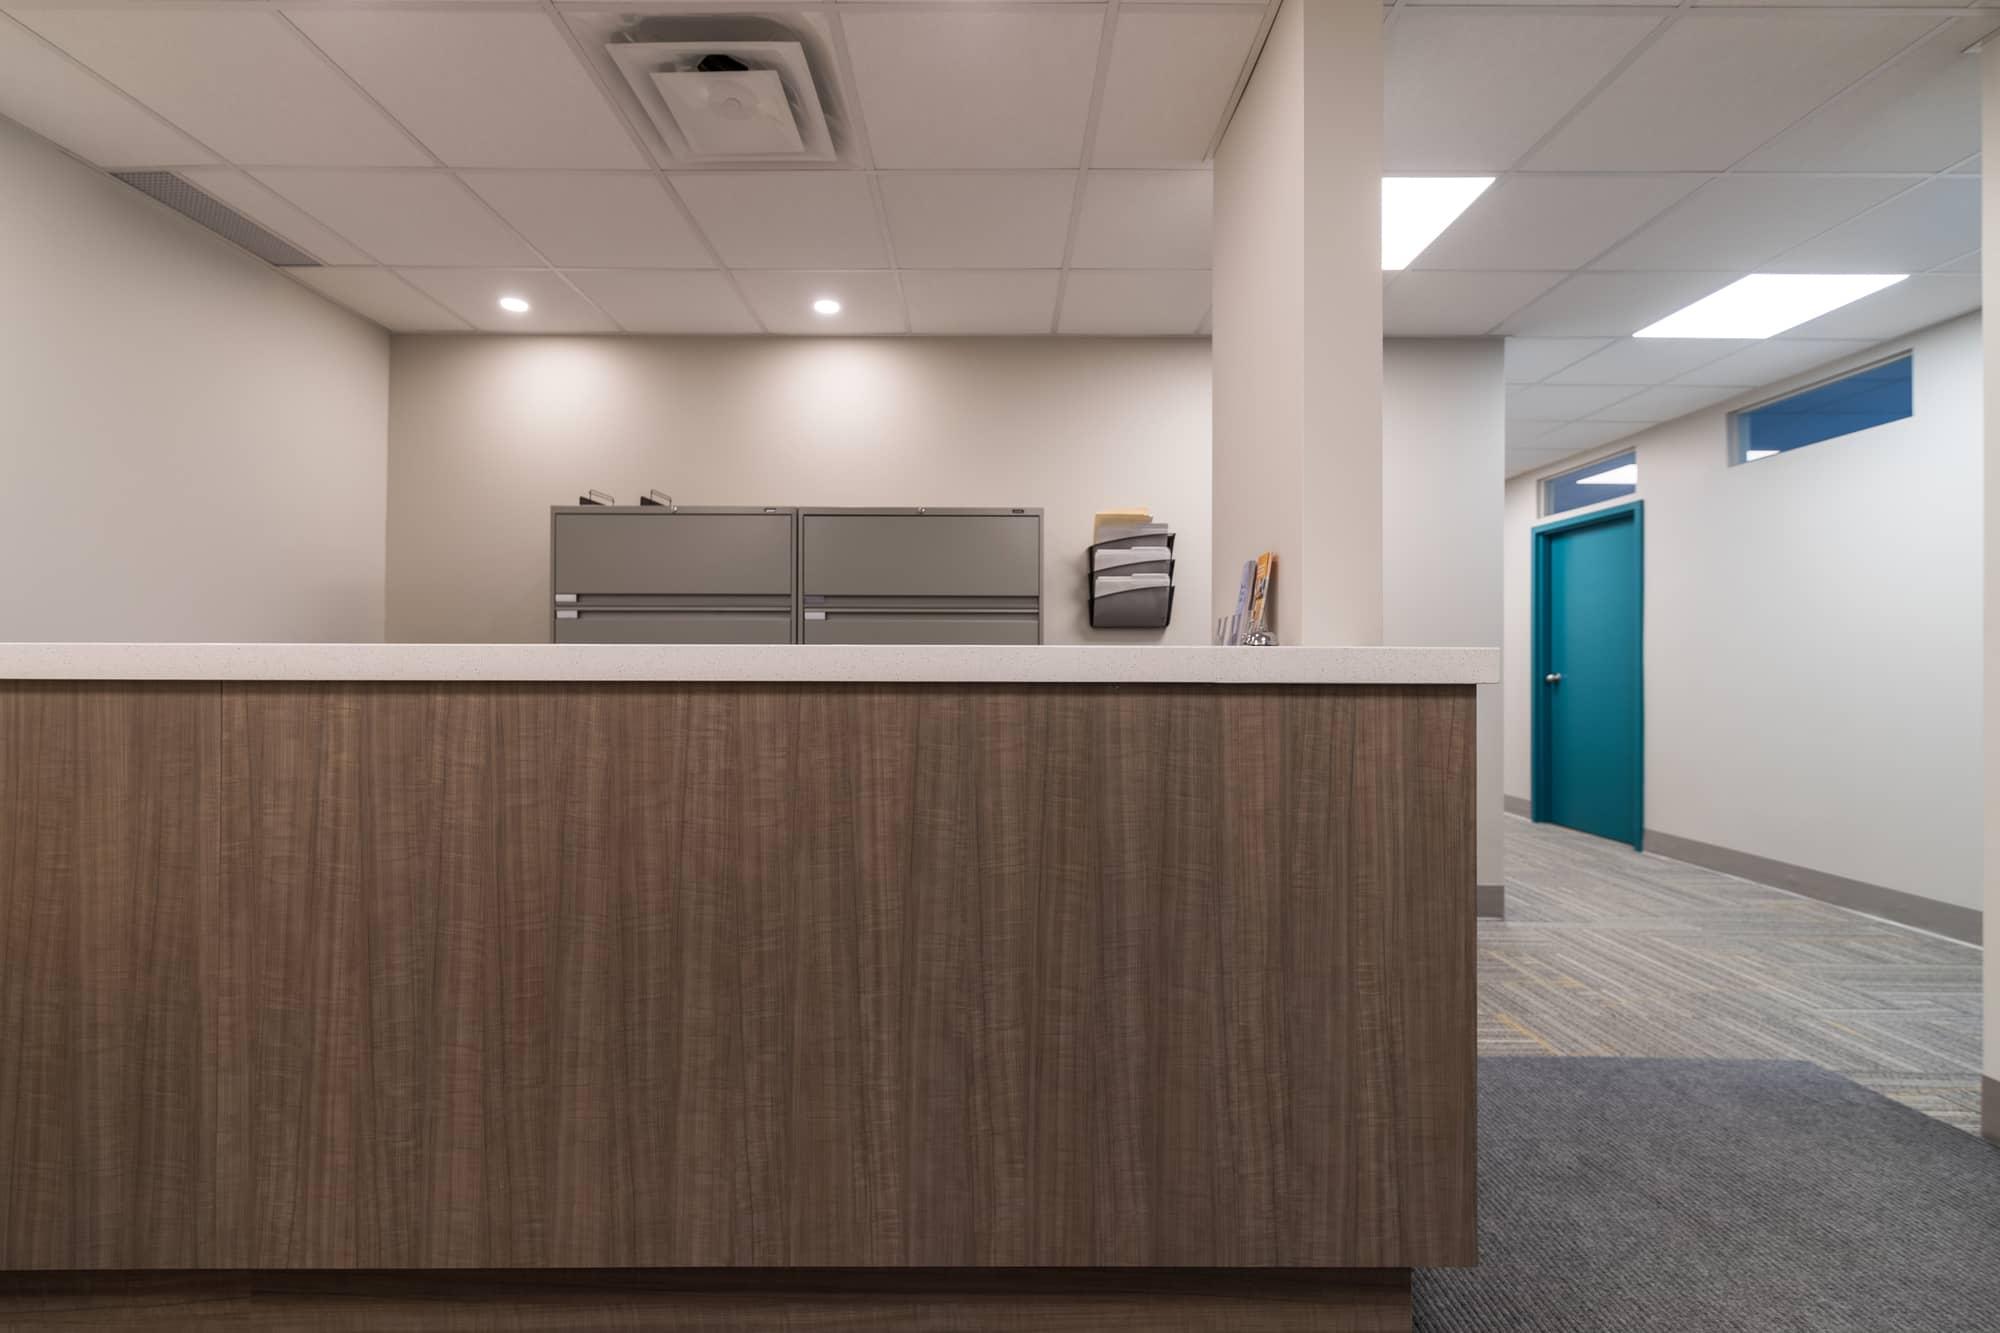 Comptoir de réception d'une clinique de physiothérapie donnant sur corridor avec porte turquoise